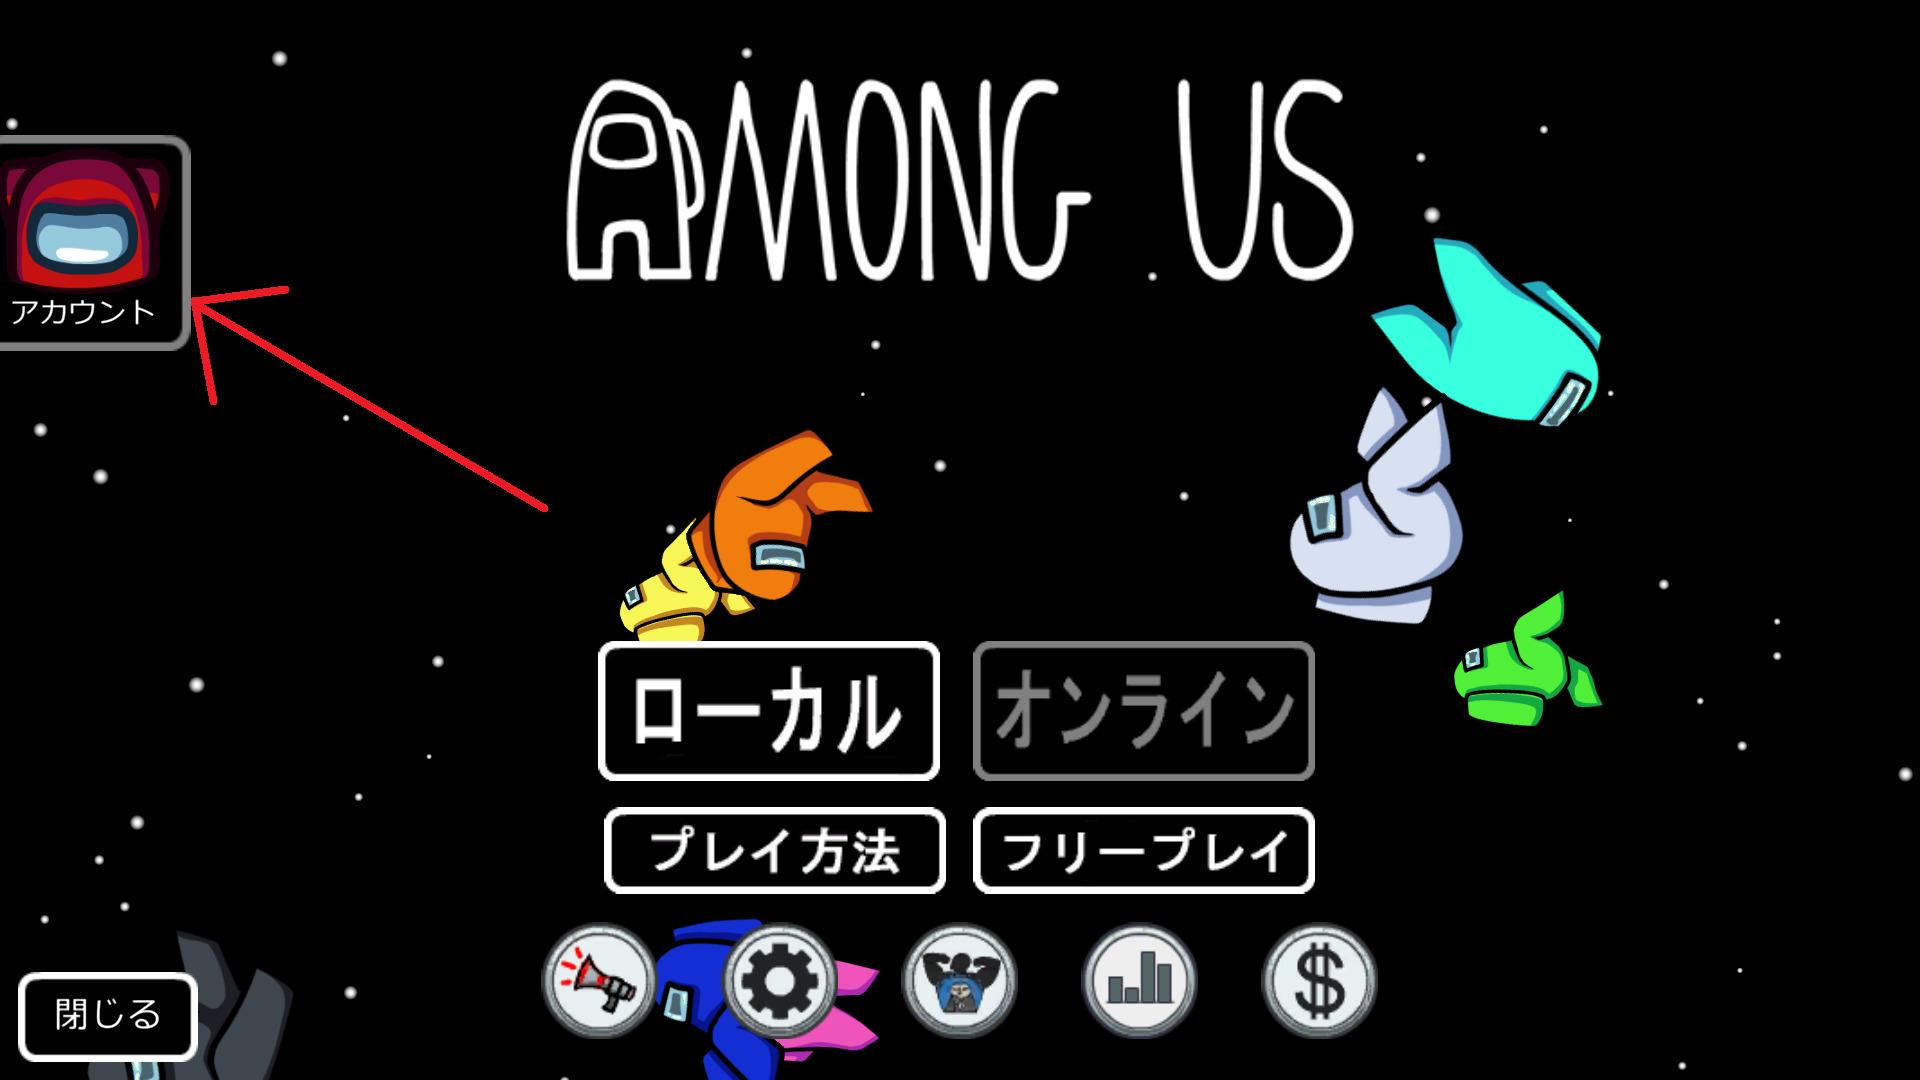 【アモングアス】ログインできない・オンラインでプレイできない時の対処法【Among Us】